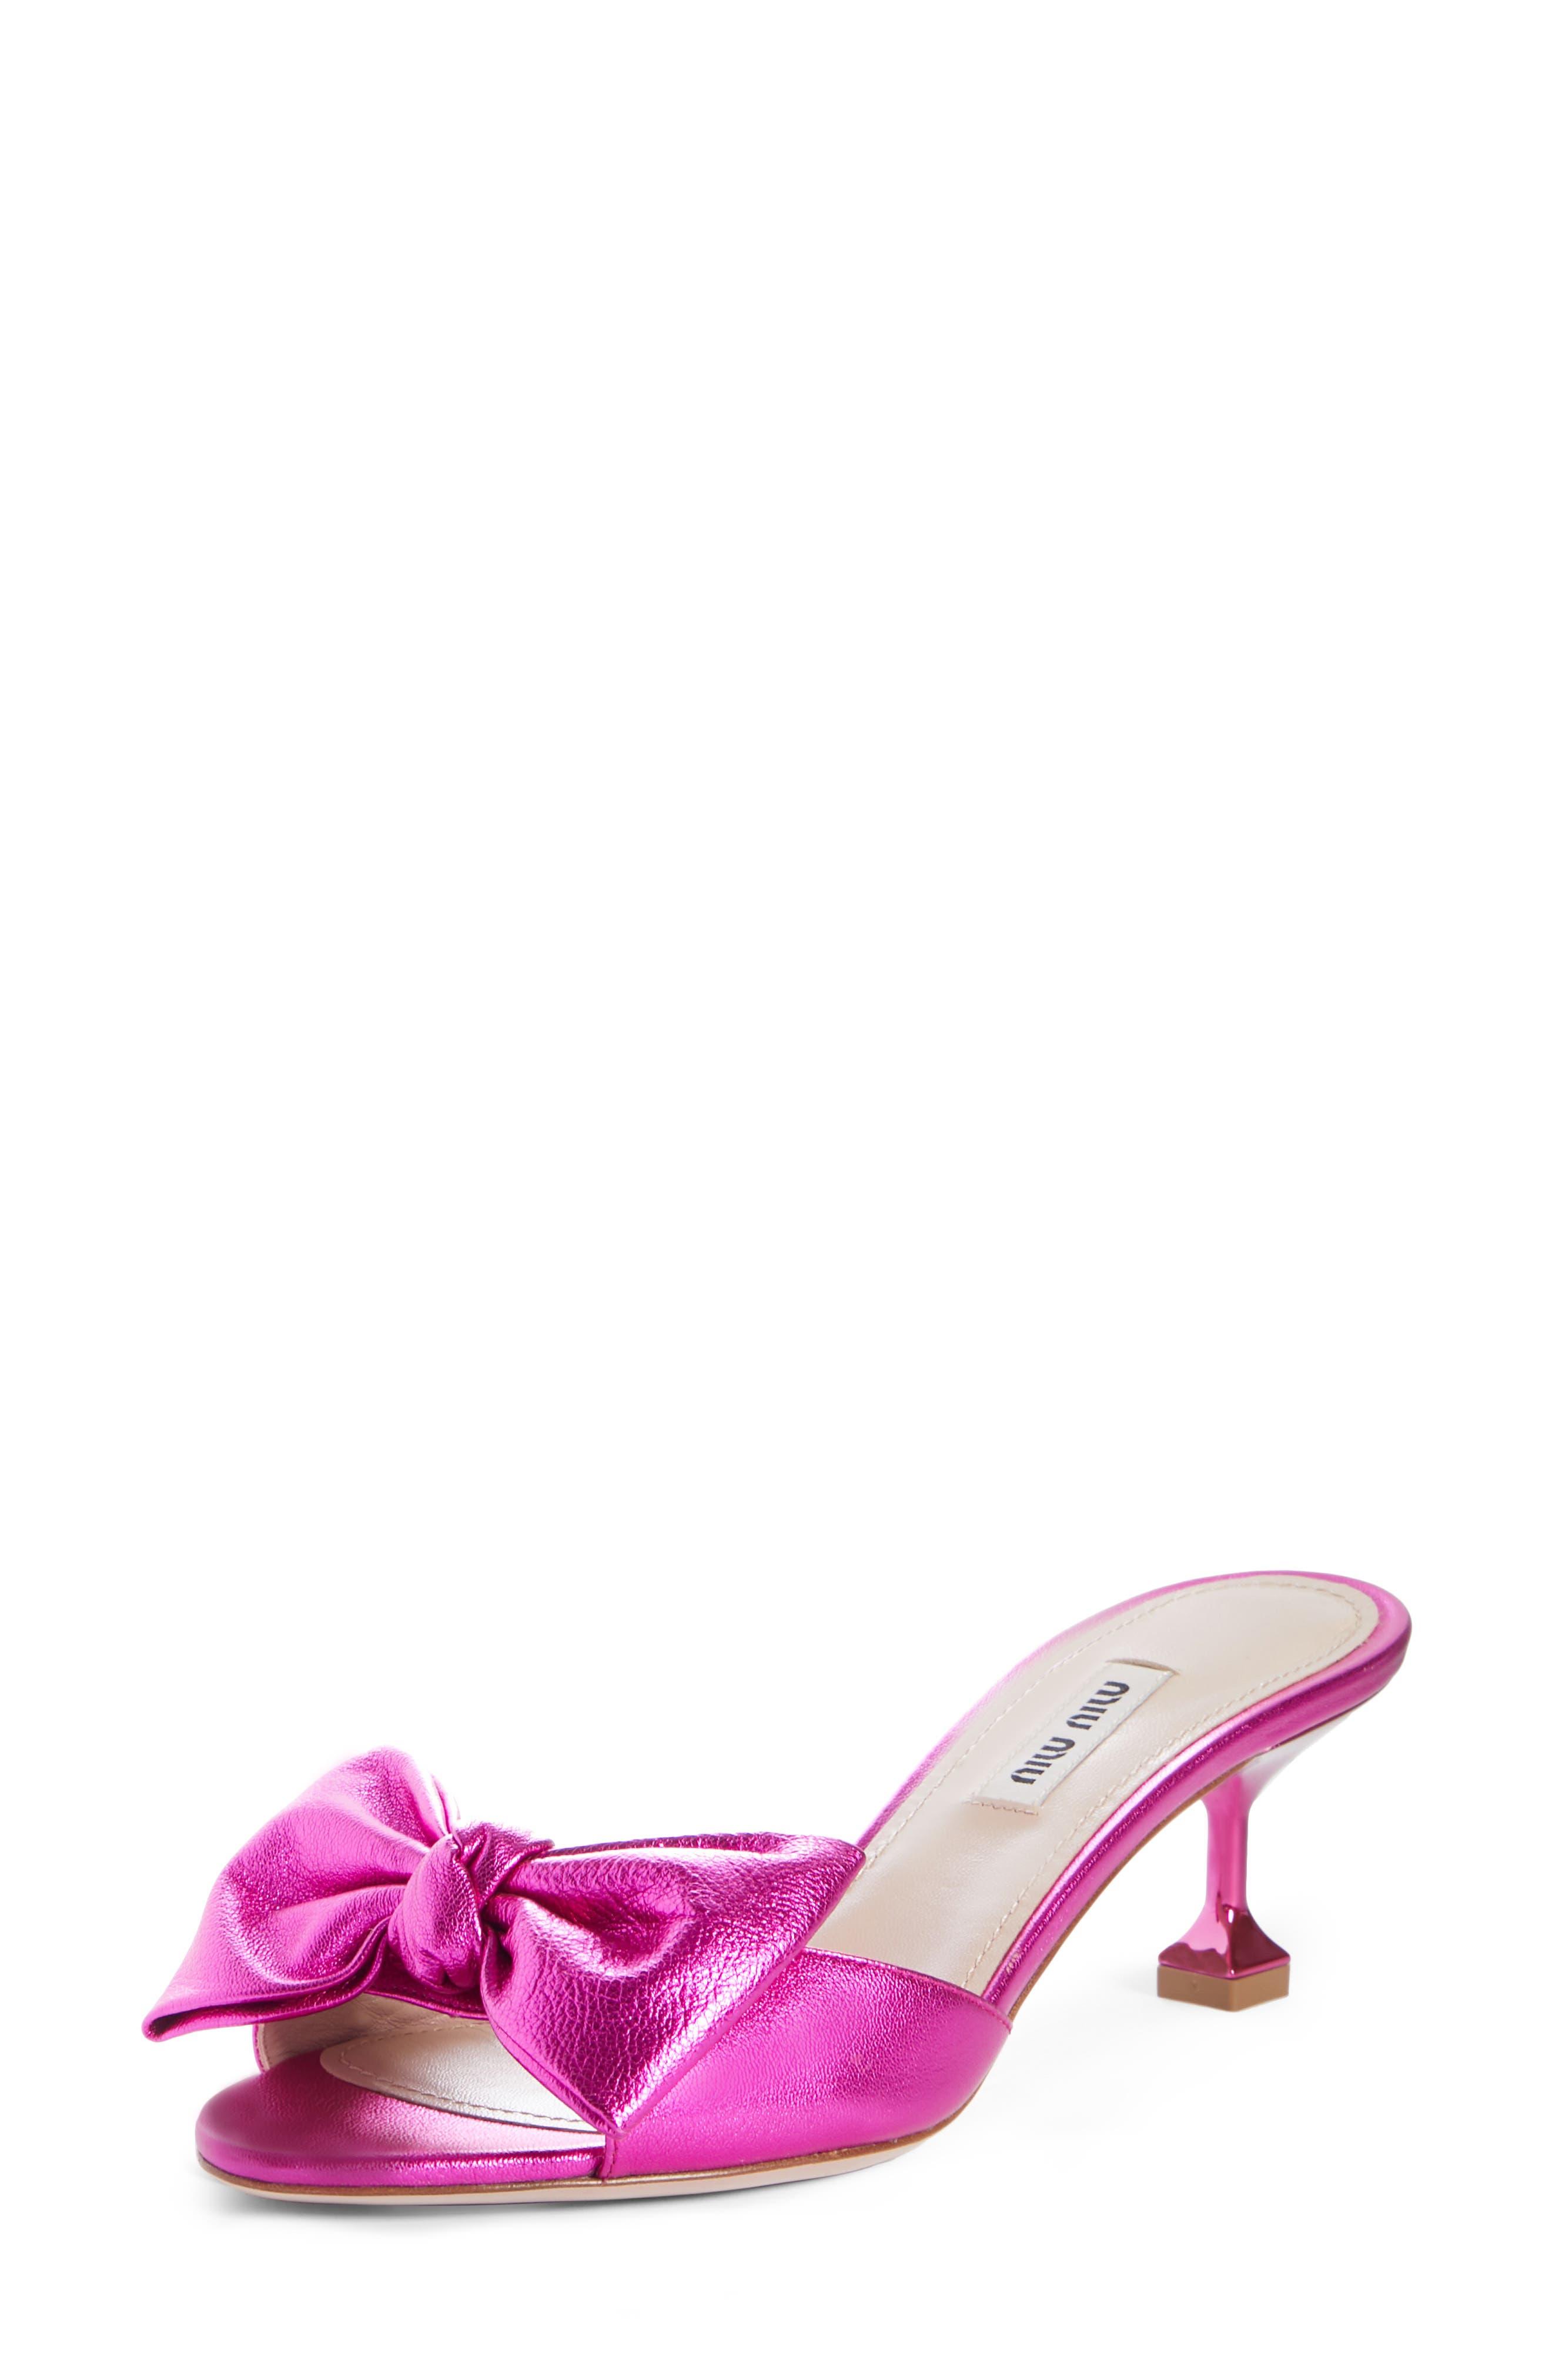 Bow Slide Sandal,                             Main thumbnail 1, color,                             FUCHSIA